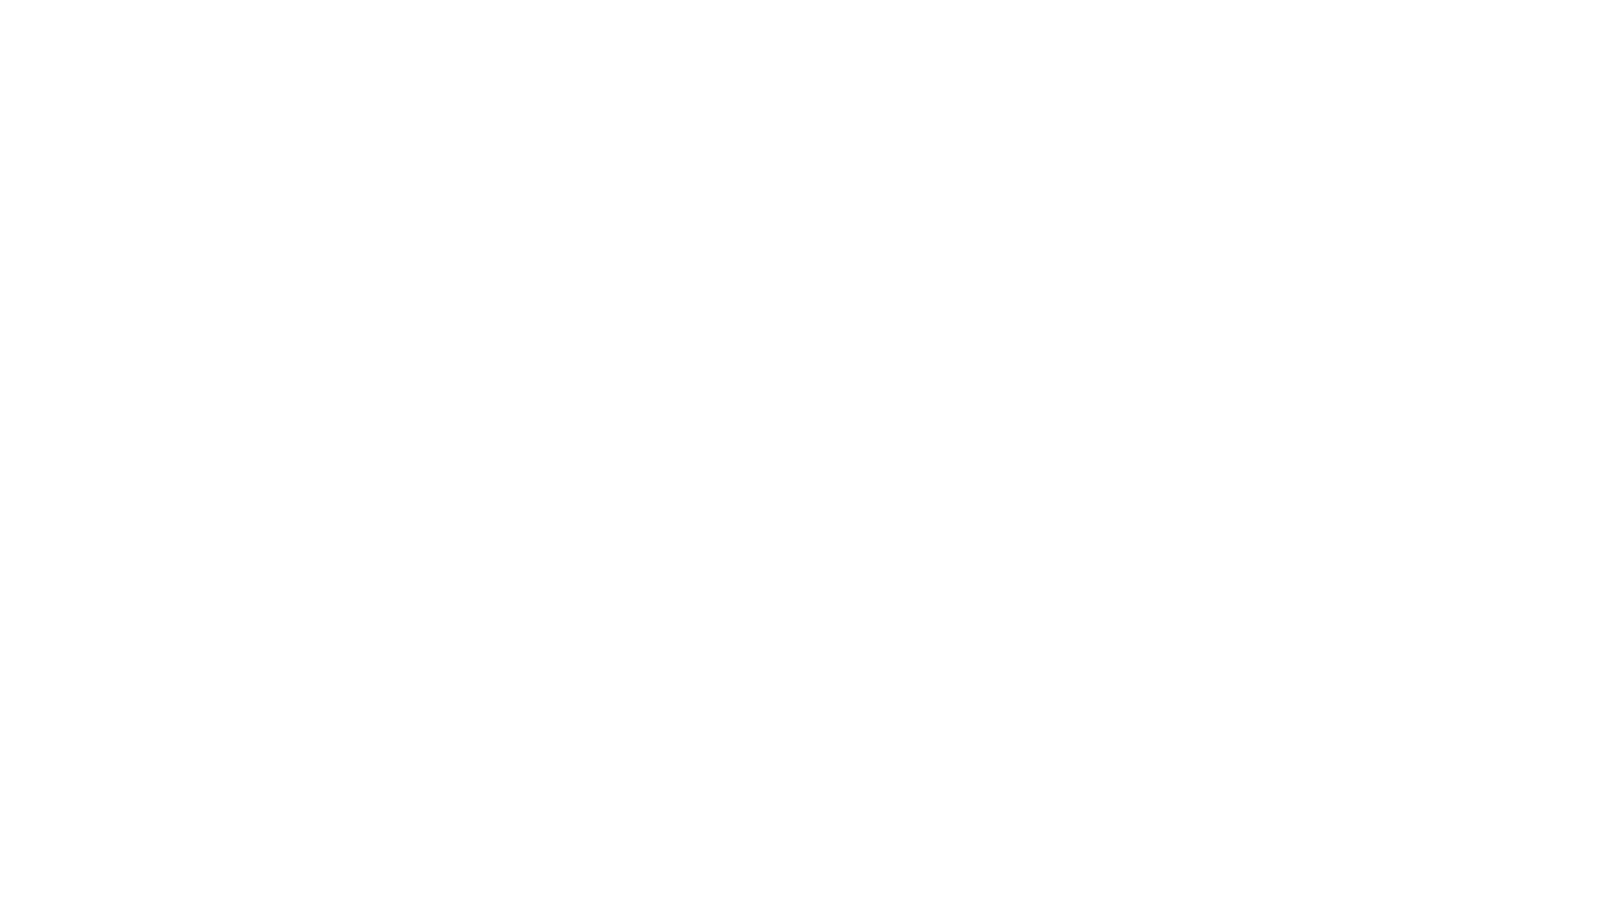 ★ Всё о нас в одном месте https://band.link/97t72 ★ Поддержать музыкантов: https://donate.stream/artklinika ★ Новый EP Арт-Клиники https://band.link/PdPWa ★ Подписка на канал https://goo.gl/ndxV3P ★ Instagram https://instagram.com/artklinika ★ Официальный сайт https://goo.gl/SfSqMq ★ Группа Арт-Клиника ВК https://vk.com/art_klinika ★ Группа на Яндекс.Музыке: http://music.yandex.ru/#!/artist/2641680